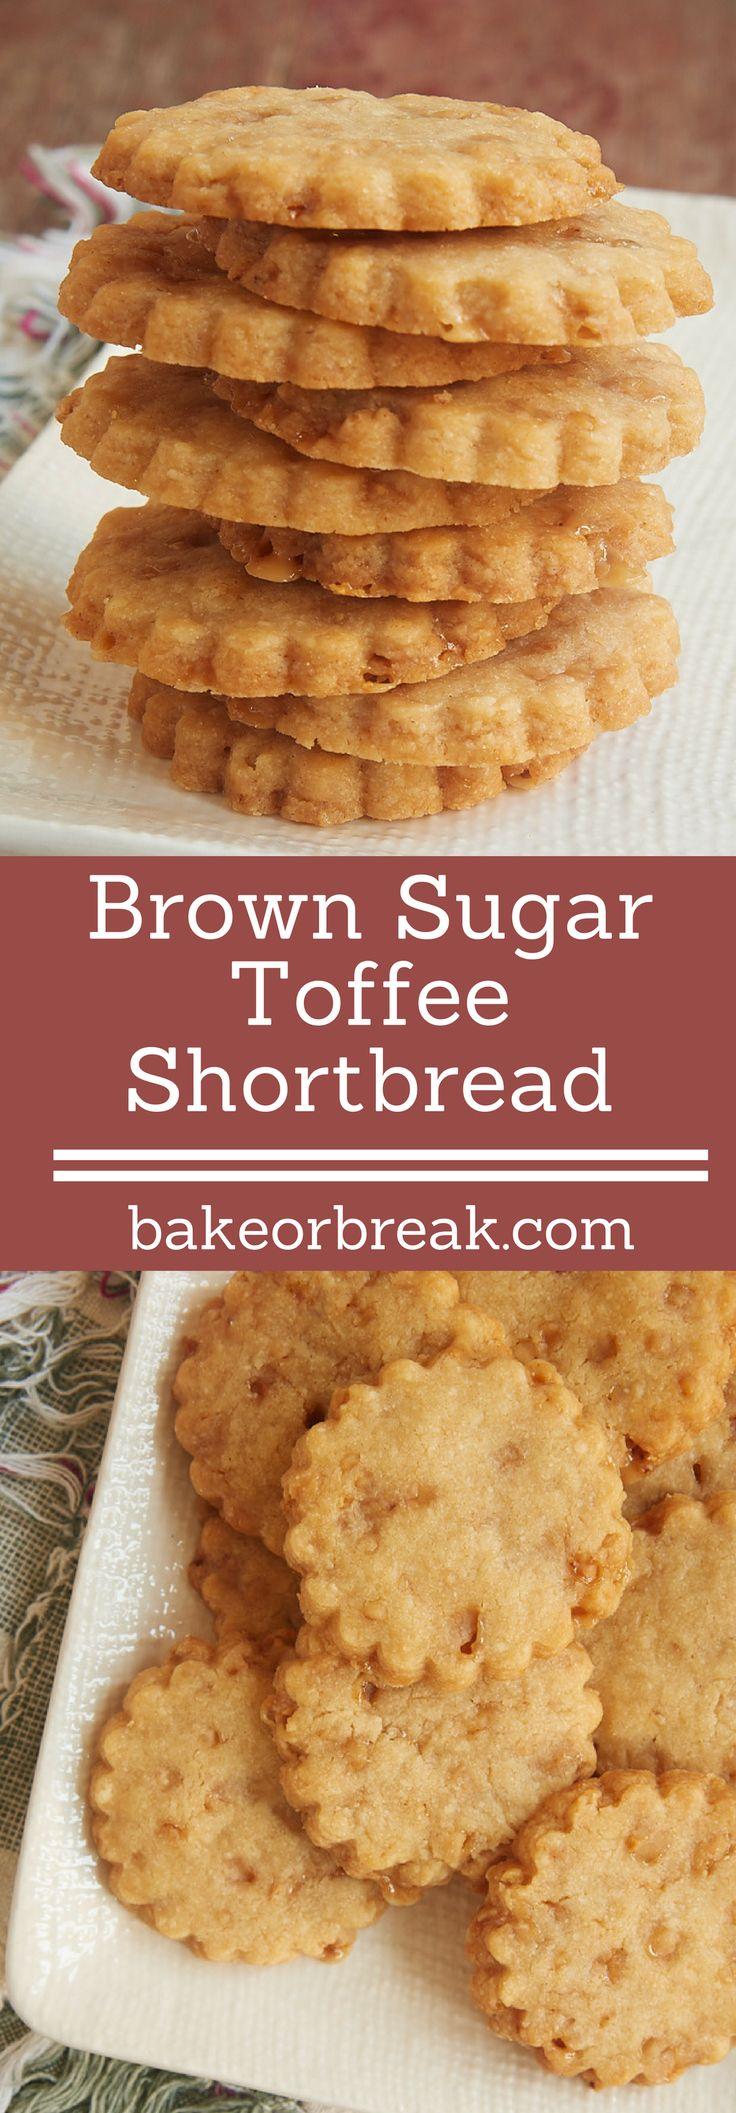 Brown Sugar Toffee Shortbread Cookies. #Halloween #Christmas #desserts